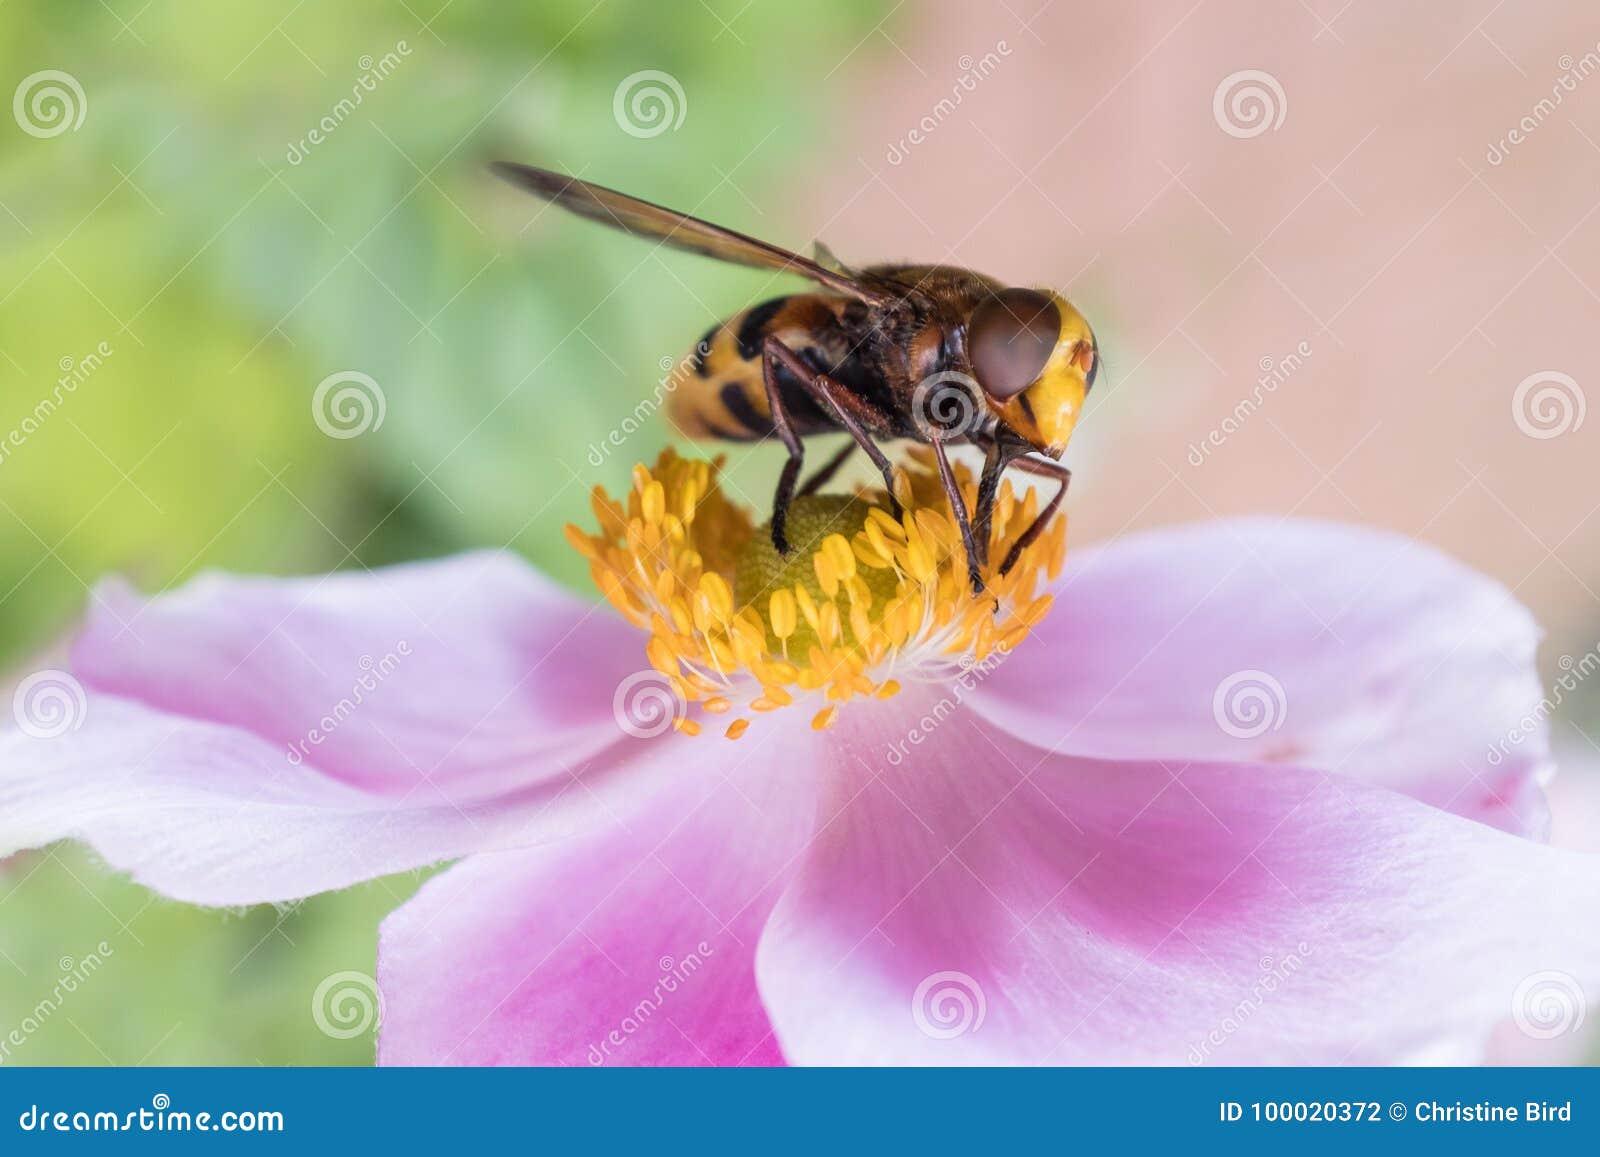 Insecte sur une fleur rose